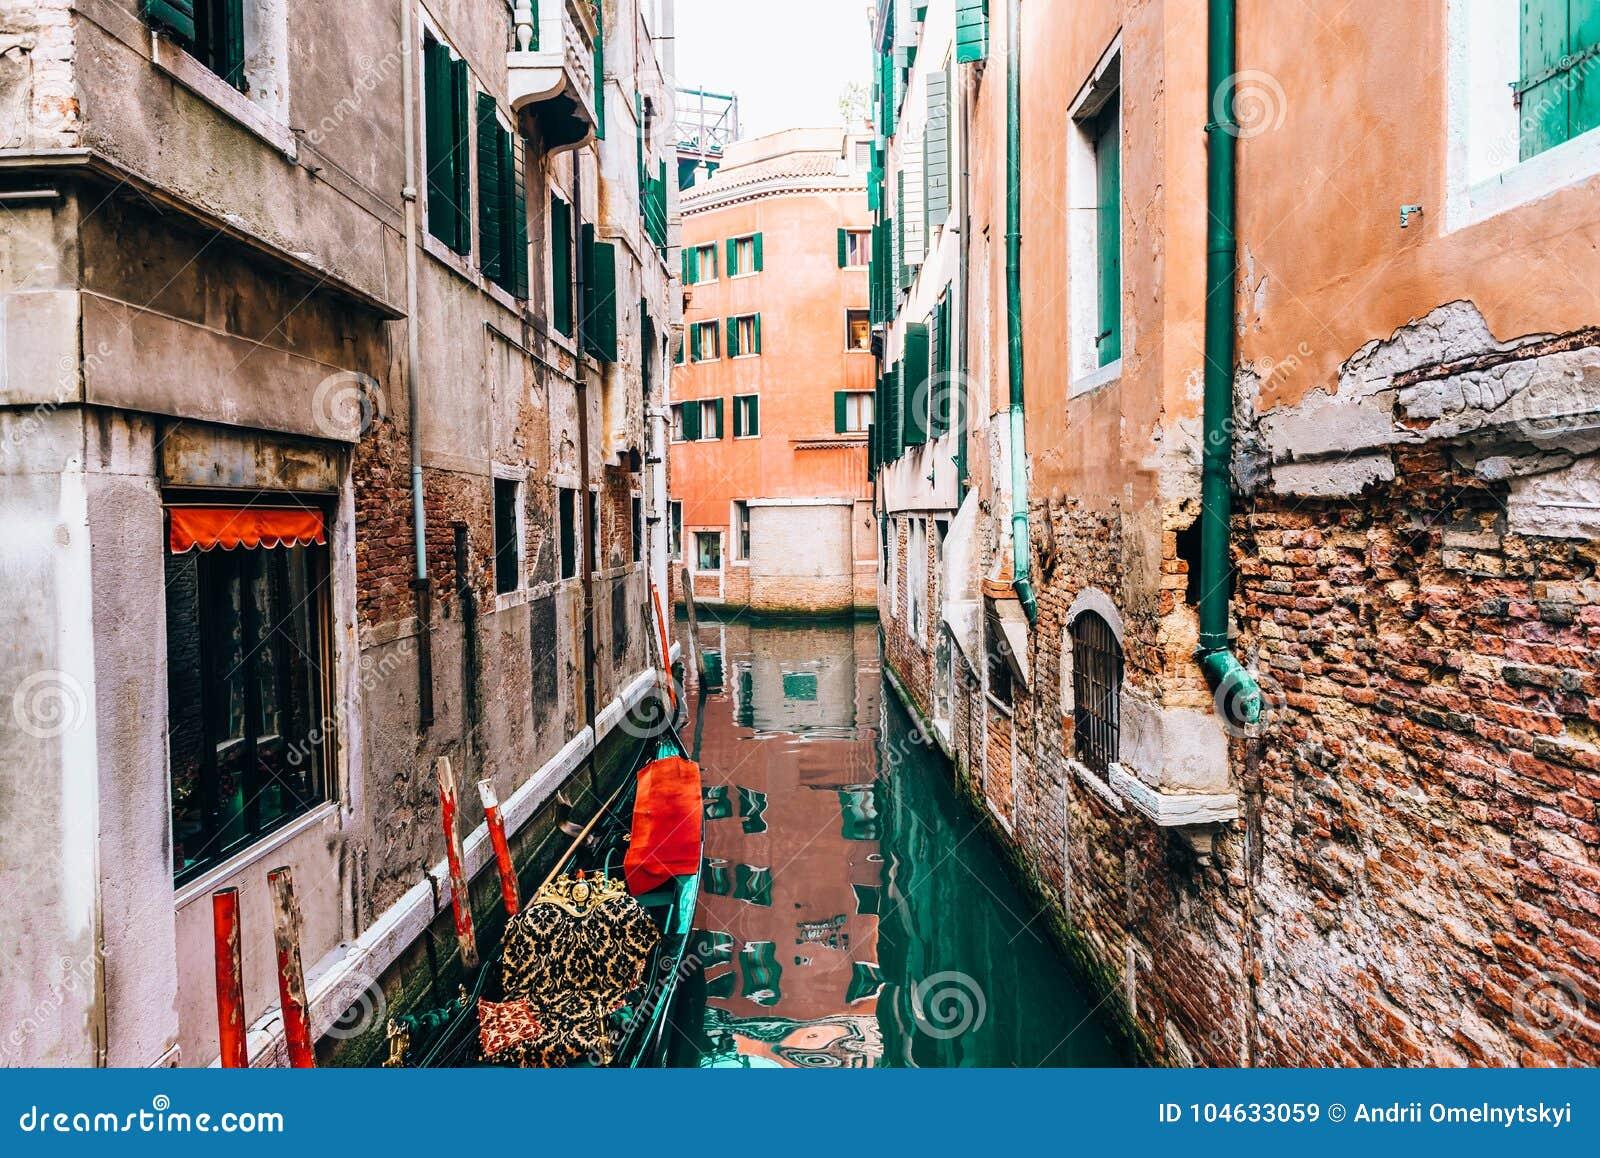 Download Smalle Kanalen Van Venetië Italië Stock Afbeelding - Afbeelding bestaande uit europa, toerisme: 104633059